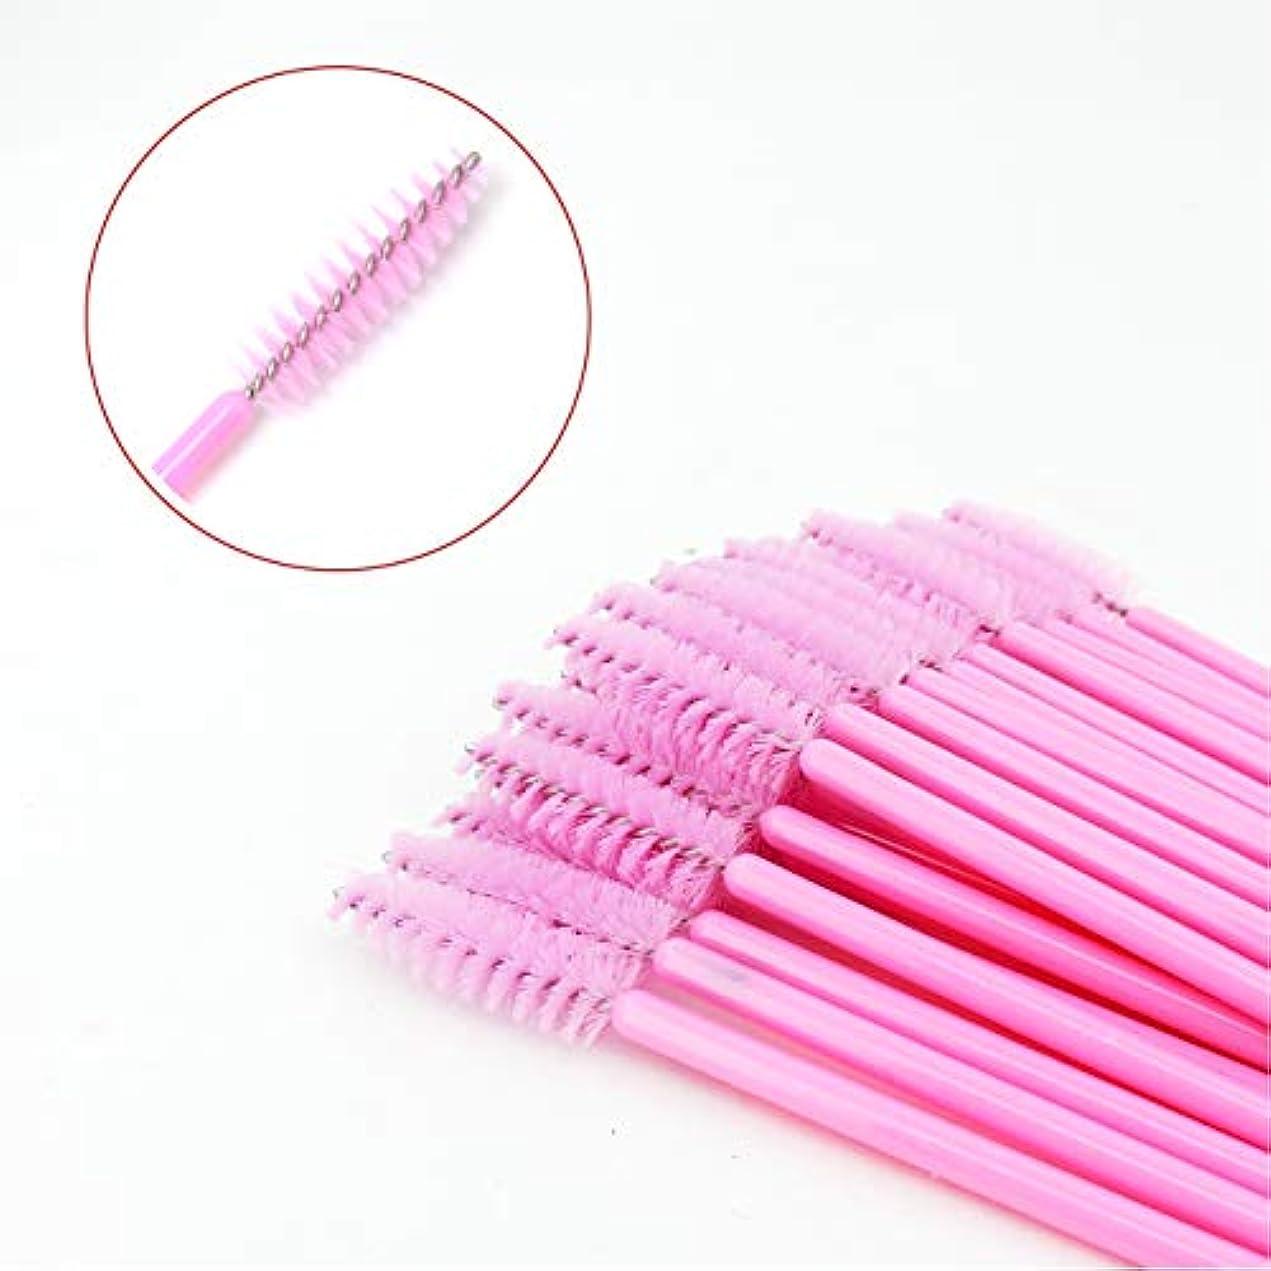 器官編集するズボンLASHVIEWまつげブラシ 使い捨て スクリューブラシ まつげコーム マスカラブラシメイクブラシ アイメイク 化粧用品 ピンク 100pcs